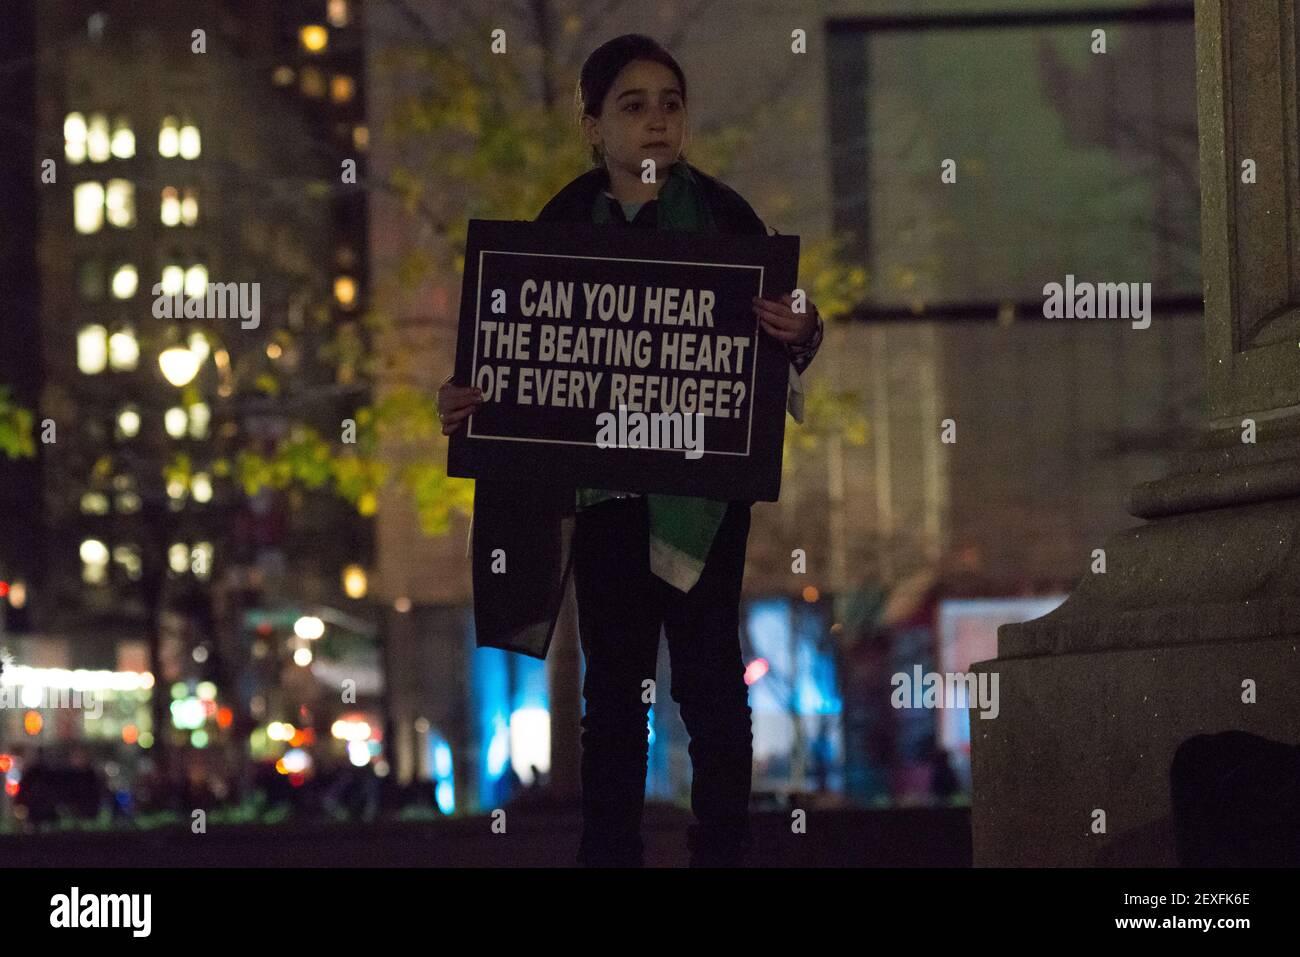 NEW YORK CITY - 10. DEZEMBER 2015 - ADemonstratoren halten bei der Kundgebung gegen Donald Trumps Vorschlag für ein Asylverbot für muslimische Immigranten Zeichen hoch. Am Internationalen Tag der Menschenrechte veranstalteten Aktivisten der Gruppe MENA Solidarity eine Rush-Hour-Demonstration im Columbus Circle in Manhattan, um die vorgeschlagenen Beschränkungen für muslimische Amerikaner durch den republikanischen Präsidentschaftskandidaten Donald Trump zu verurteilen und um Unterstützung für syrische Flüchtlinge zu zeigen, die jetzt in den Vereinigten Staaten ankommen. (Foto von Albin Lohr-Jones / Pacific Press) *** Bitte benutzen Sie die Gutschrift aus dem Kreditfeld *** Stockfoto